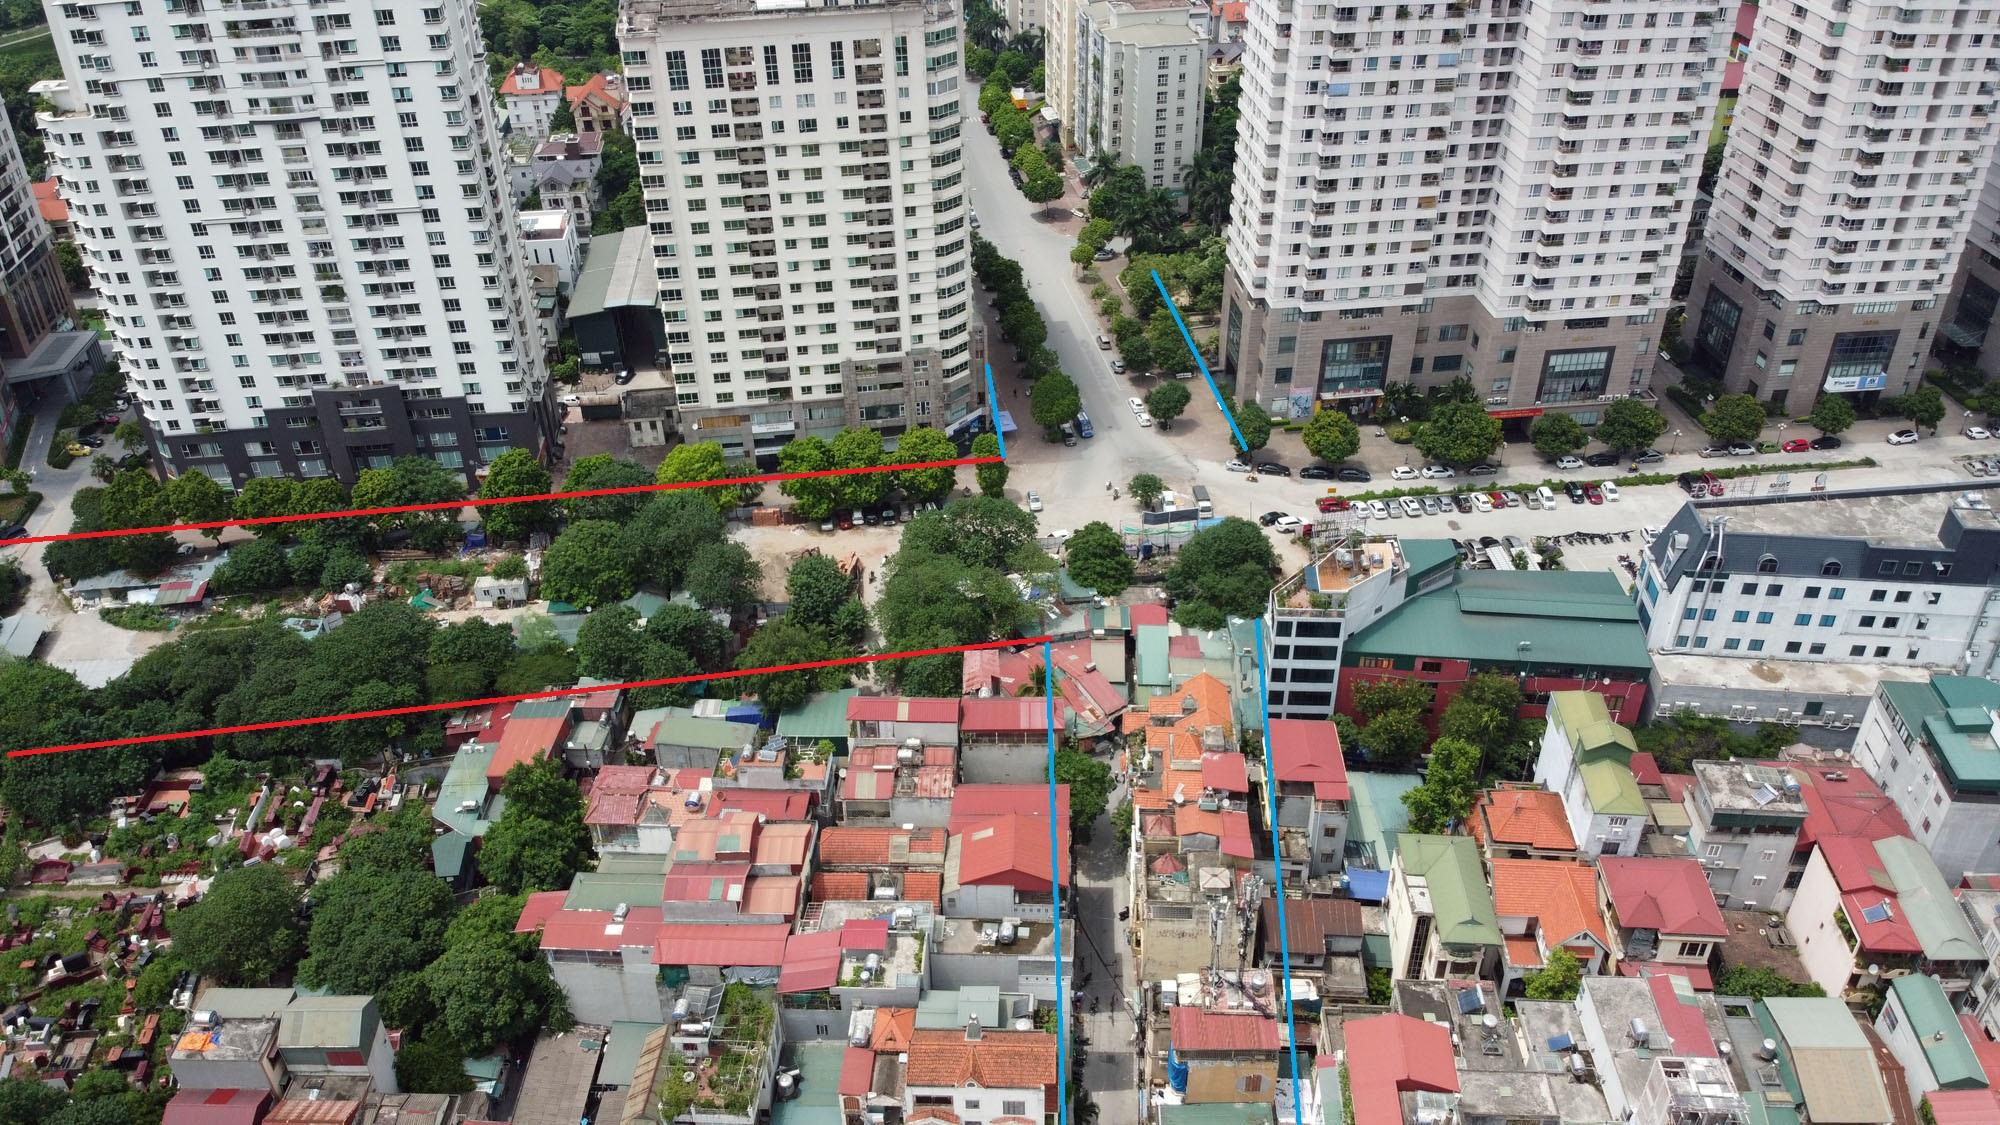 đường sẽ mở theo qui hoạch ở phường Yên Hòa, Cầu Giấy, Hà Nội - Ảnh 8.